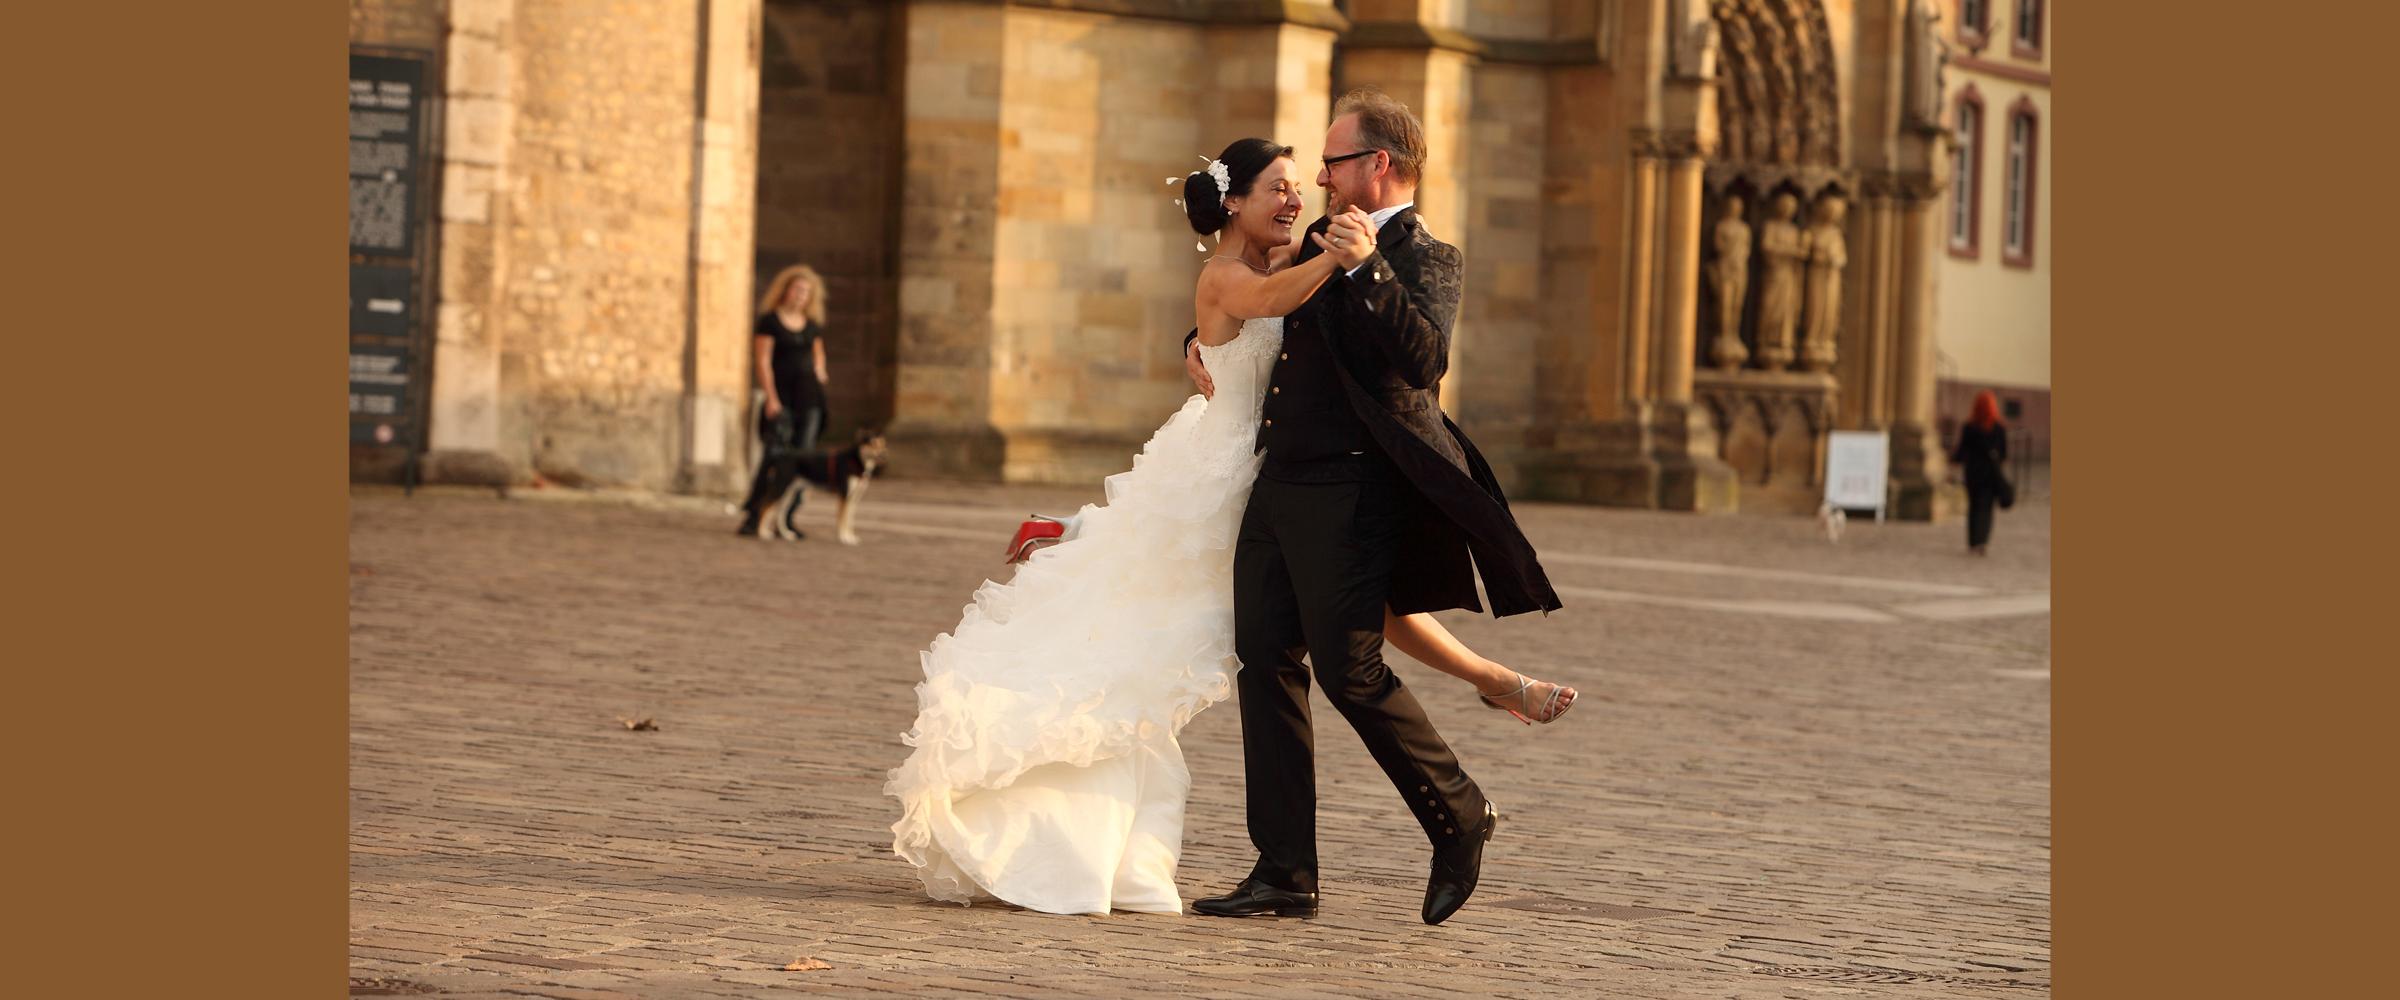 Hochzeitsportrait eines Mannes im schwarzen Frack und einer dunkelhaarigen Frau im weißen Brautkleid, die lächelnd vor dem Hintergrund eines Gebäudes (Dom Trier) tanzen.